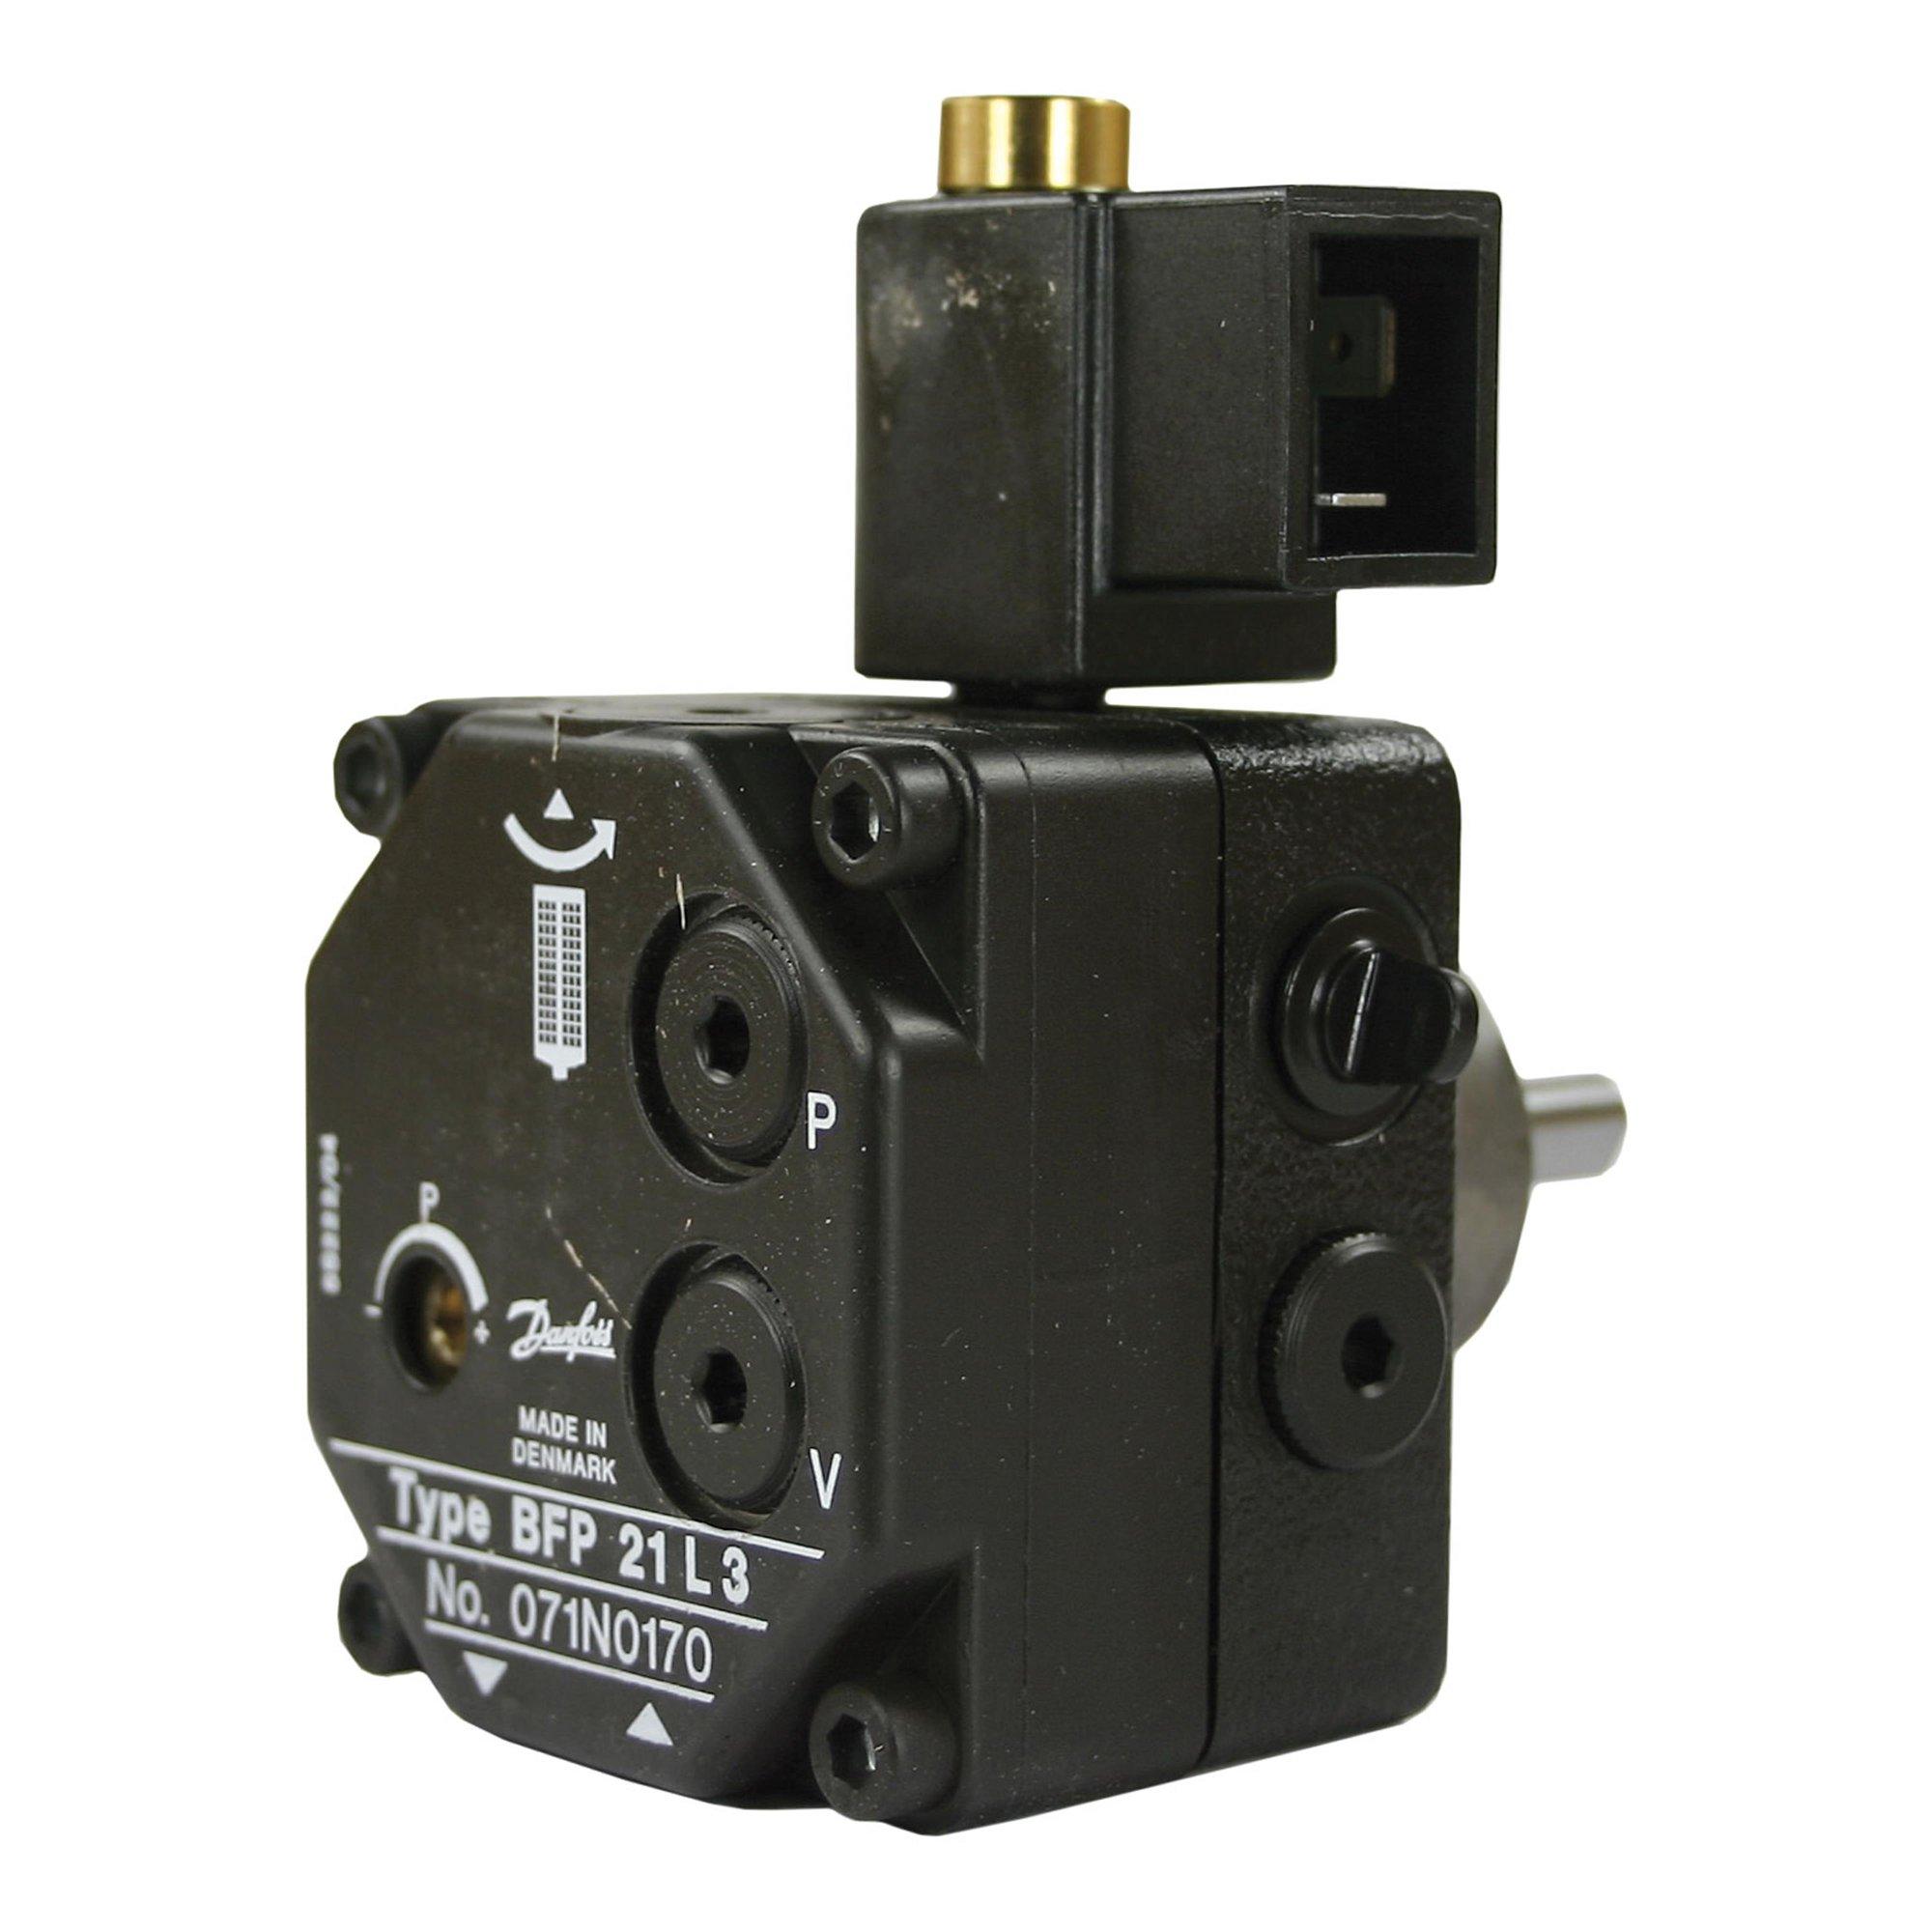 Ölpumpe Danfoss, Typ BFP21R3, 230V/50Hz, Nabe=32mm, Rechts Ölpumpe Danfoss BFP 21R3 230 V | für MSLA 032 + MS 11 R 3